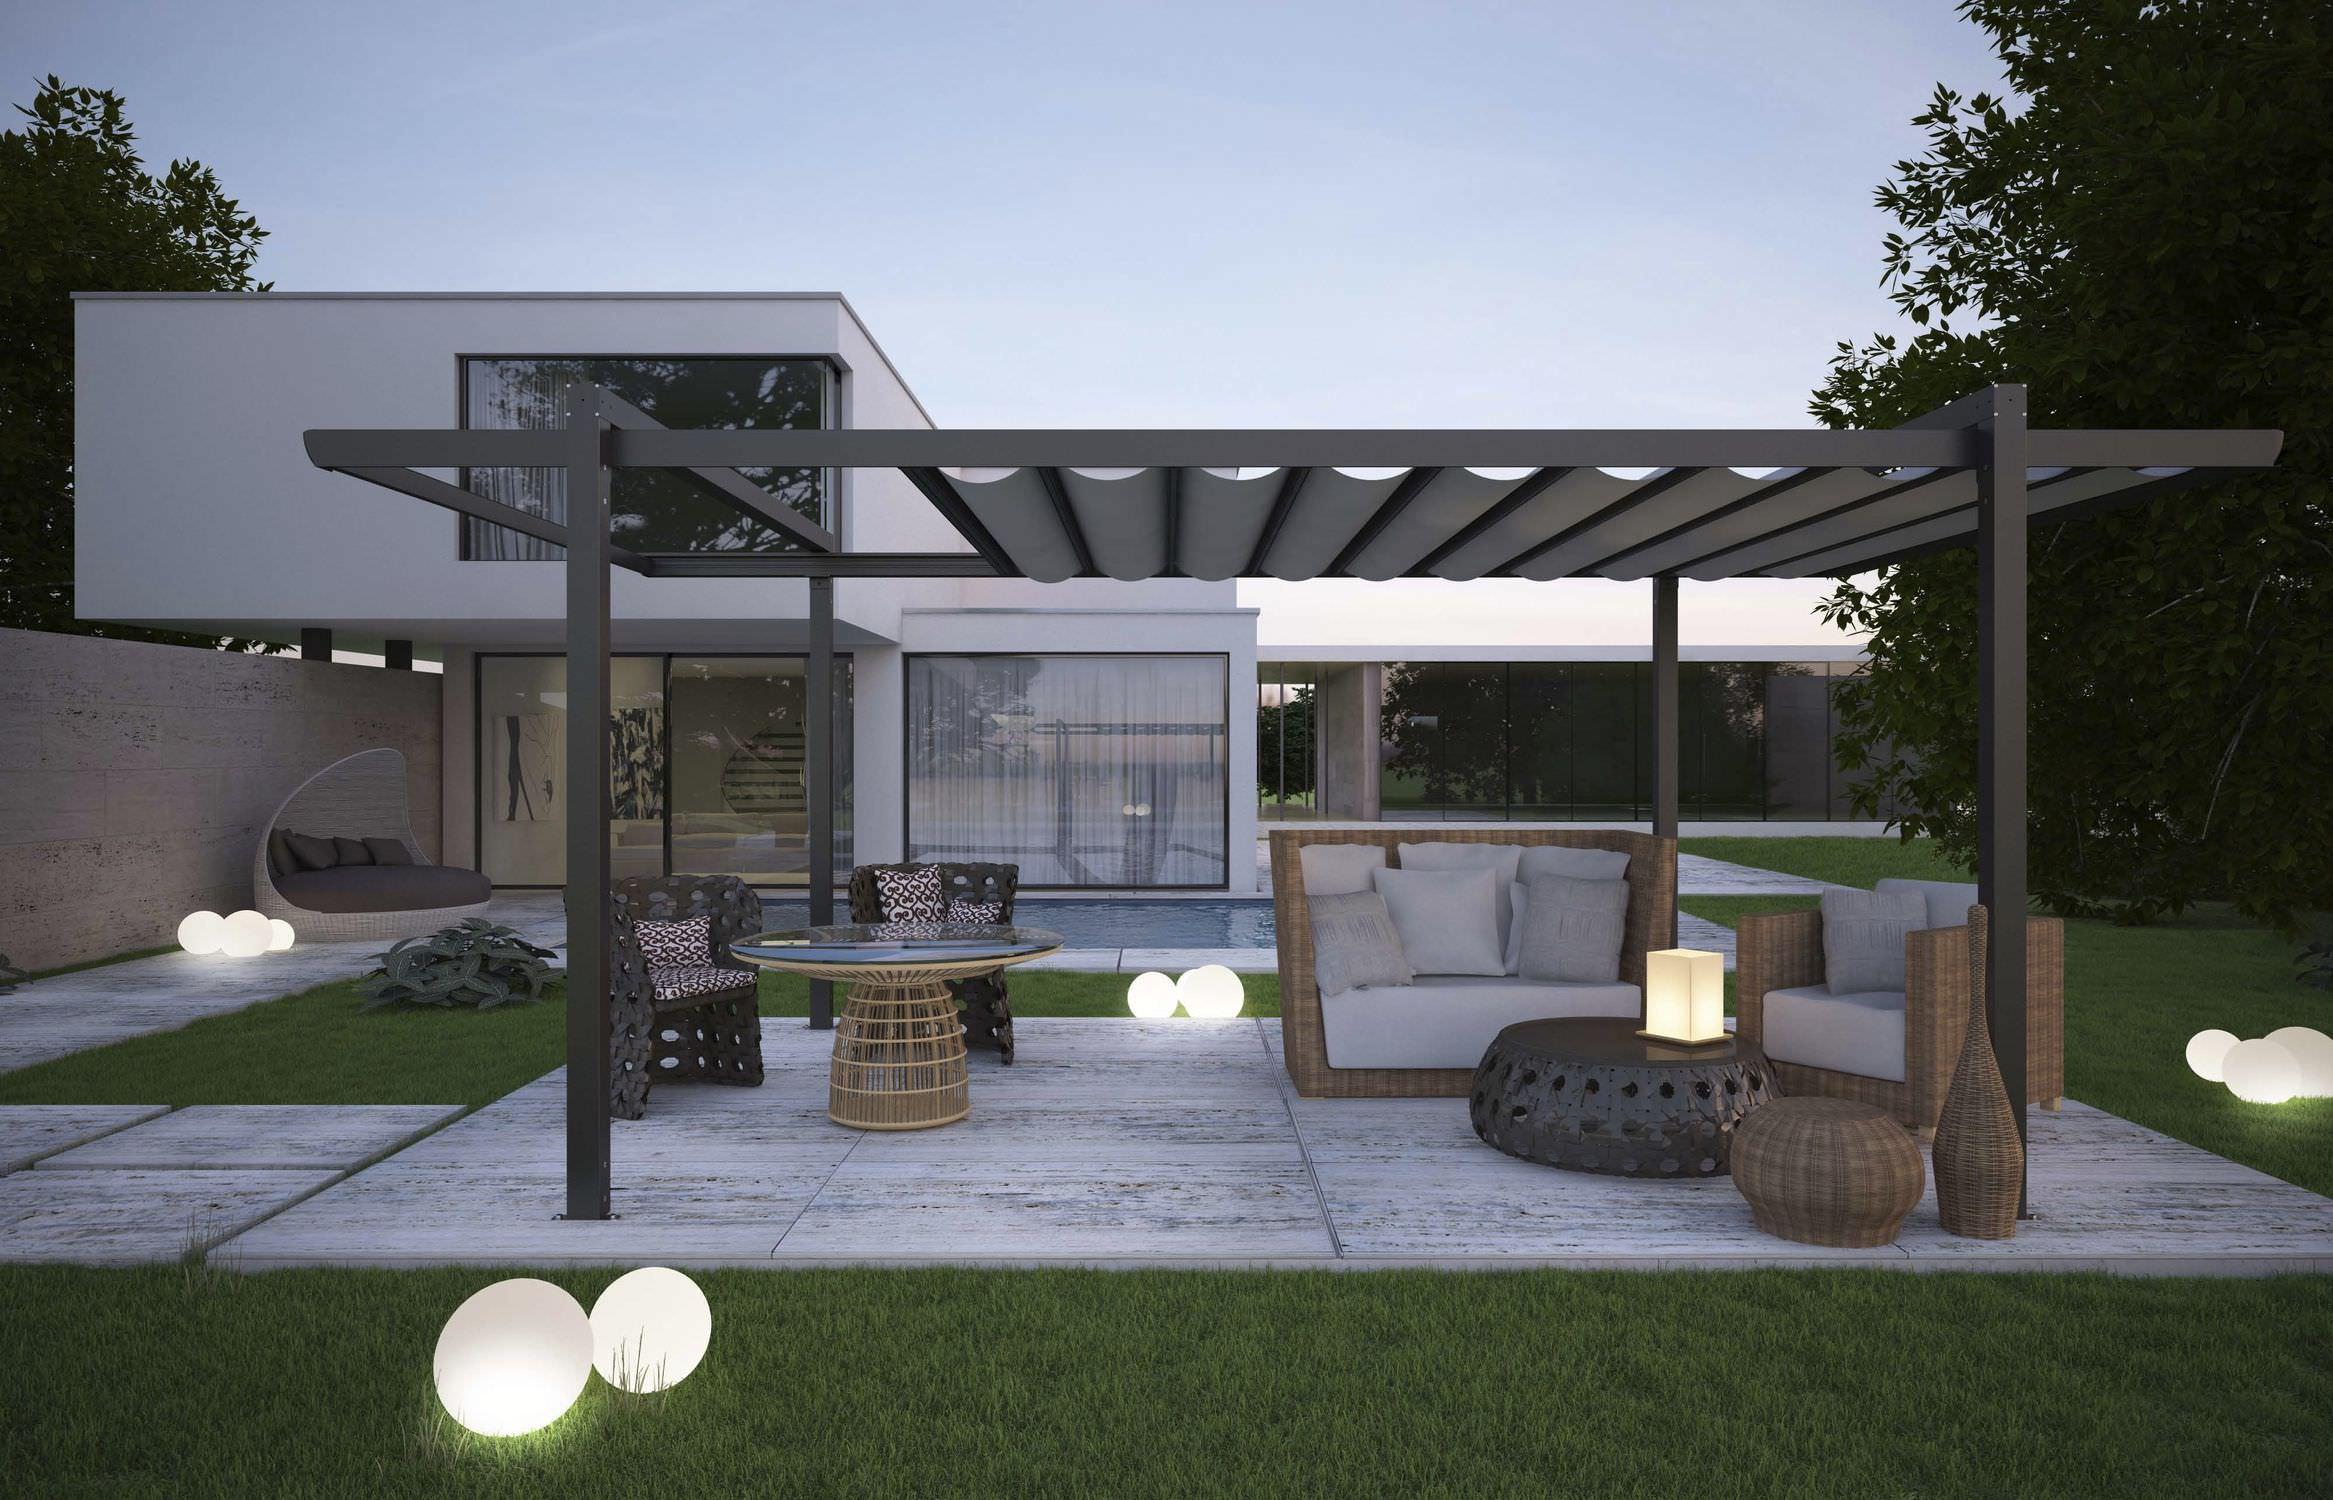 Pergola aluminium – perfect fit to your garden – CareHomeDecor